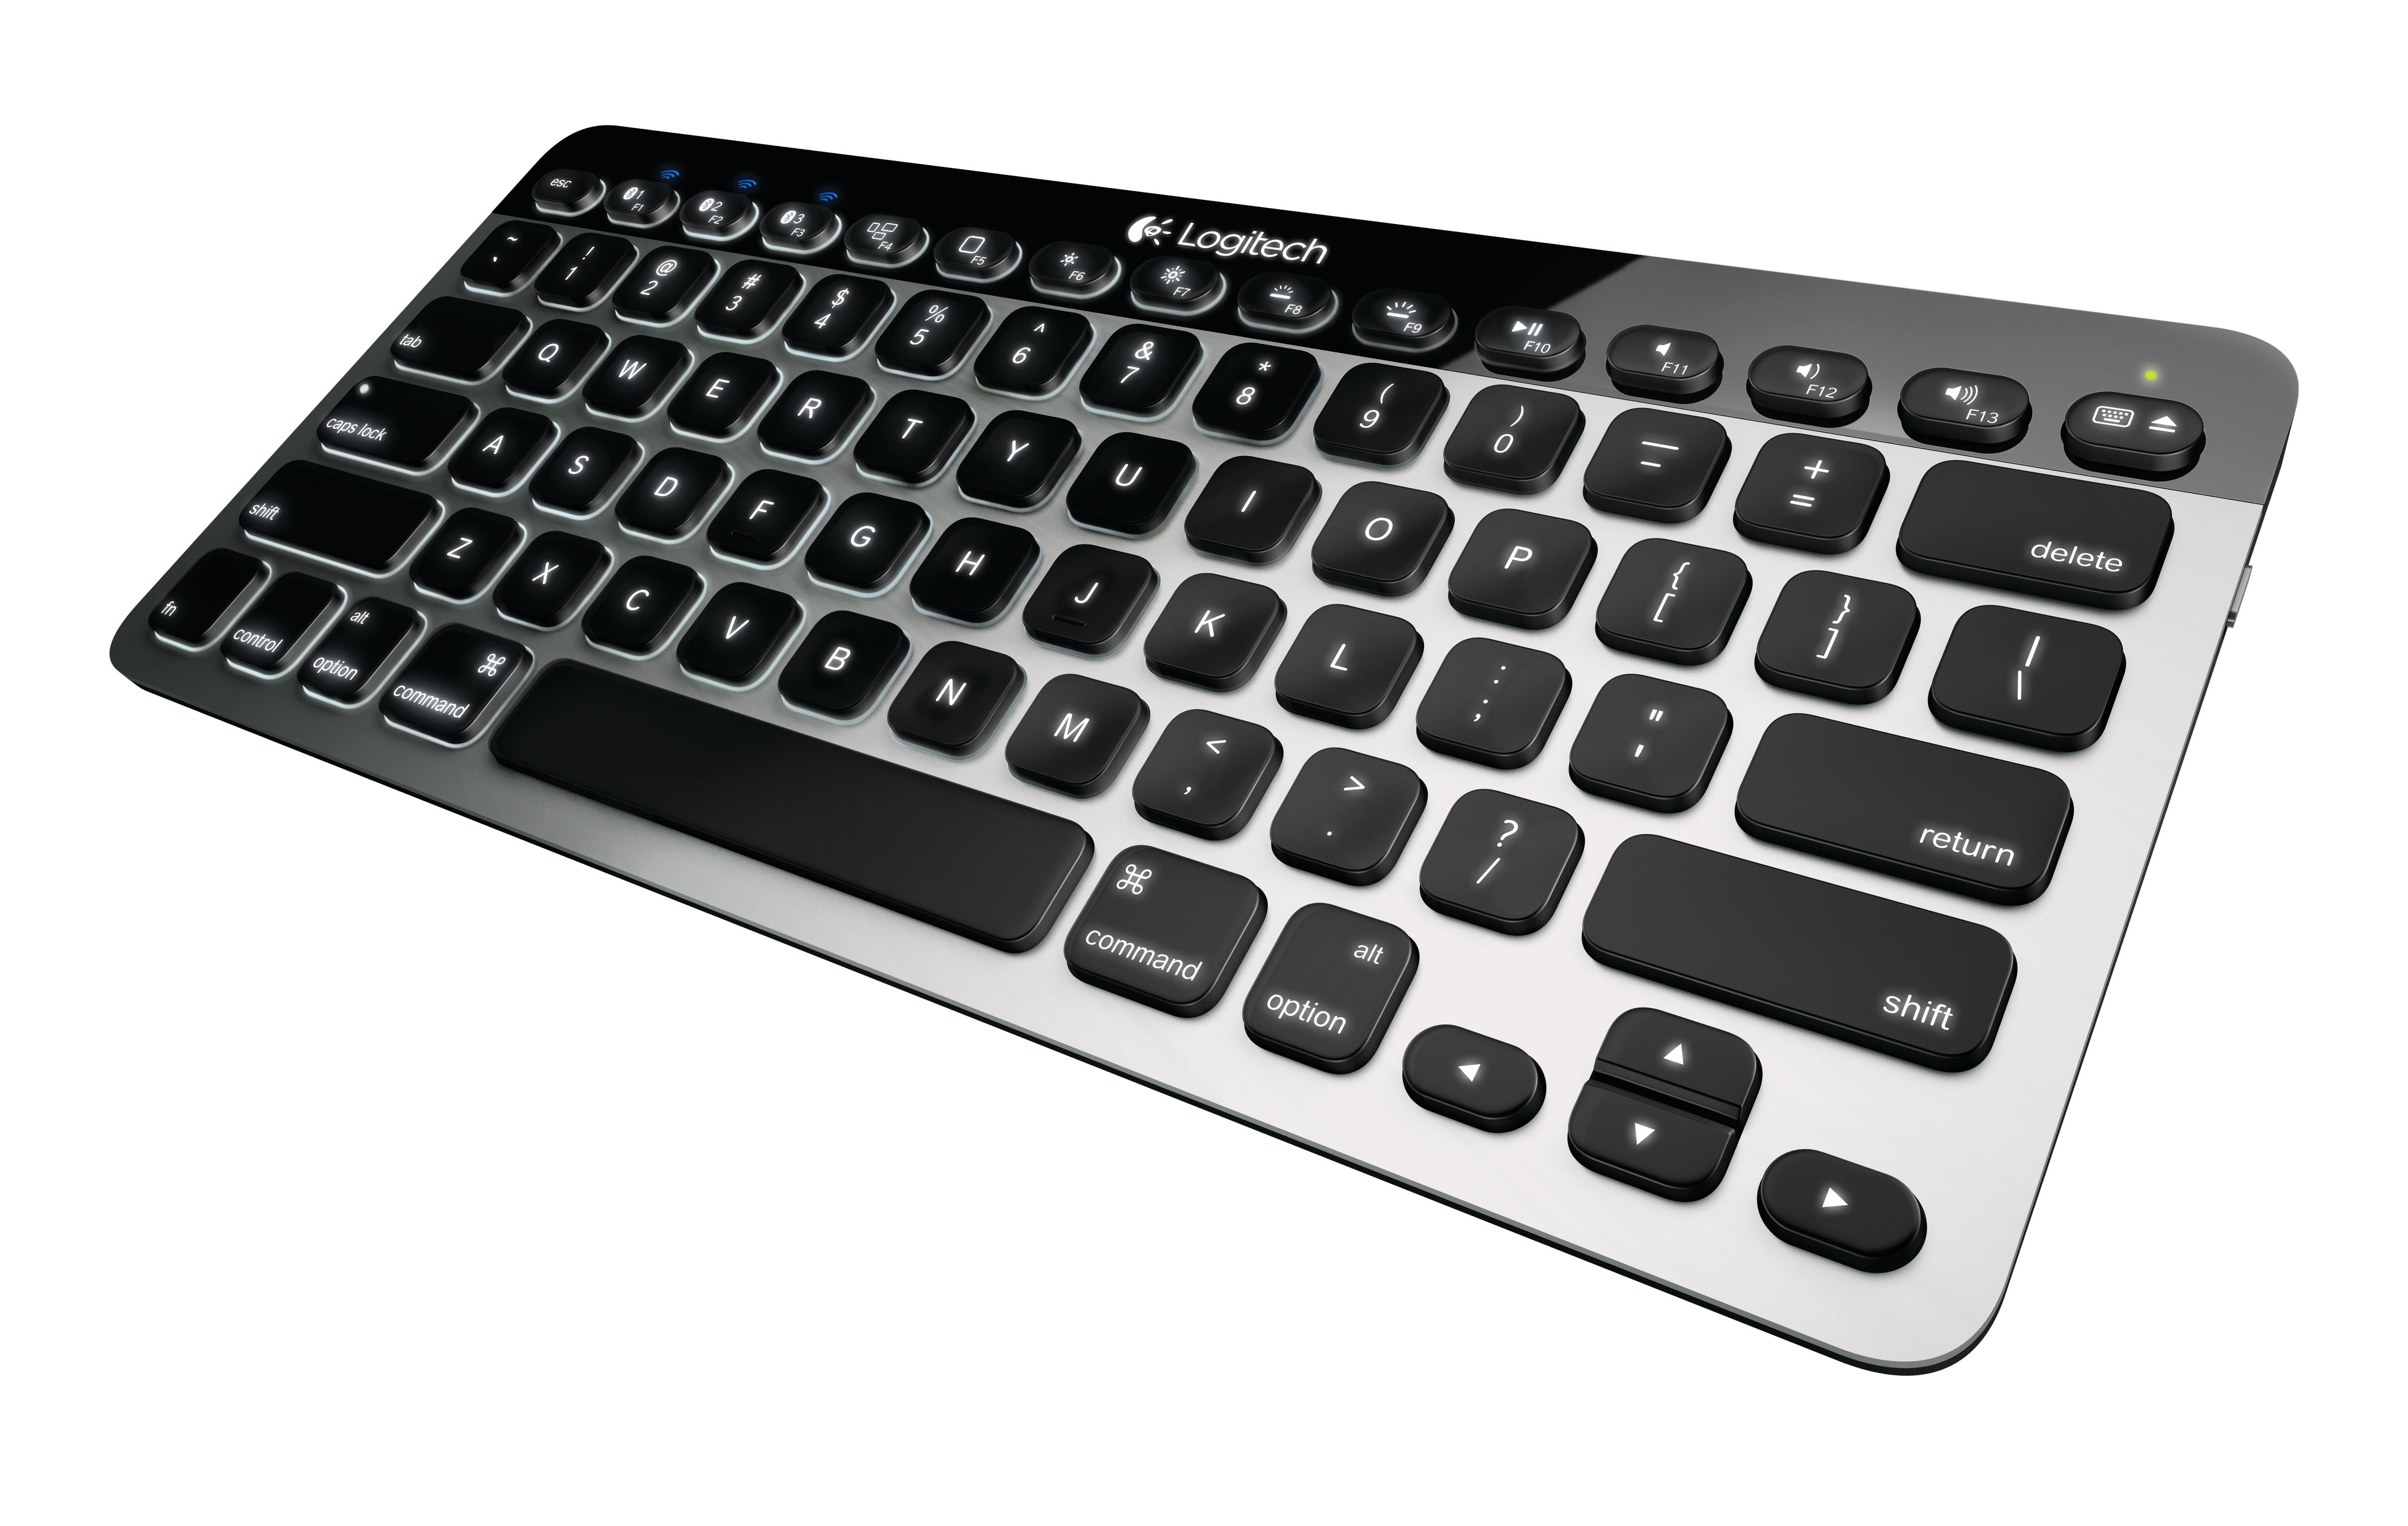 Logitech je predstavil tipkovnico in praktičen trackpad za uporabnike naprav Apple.